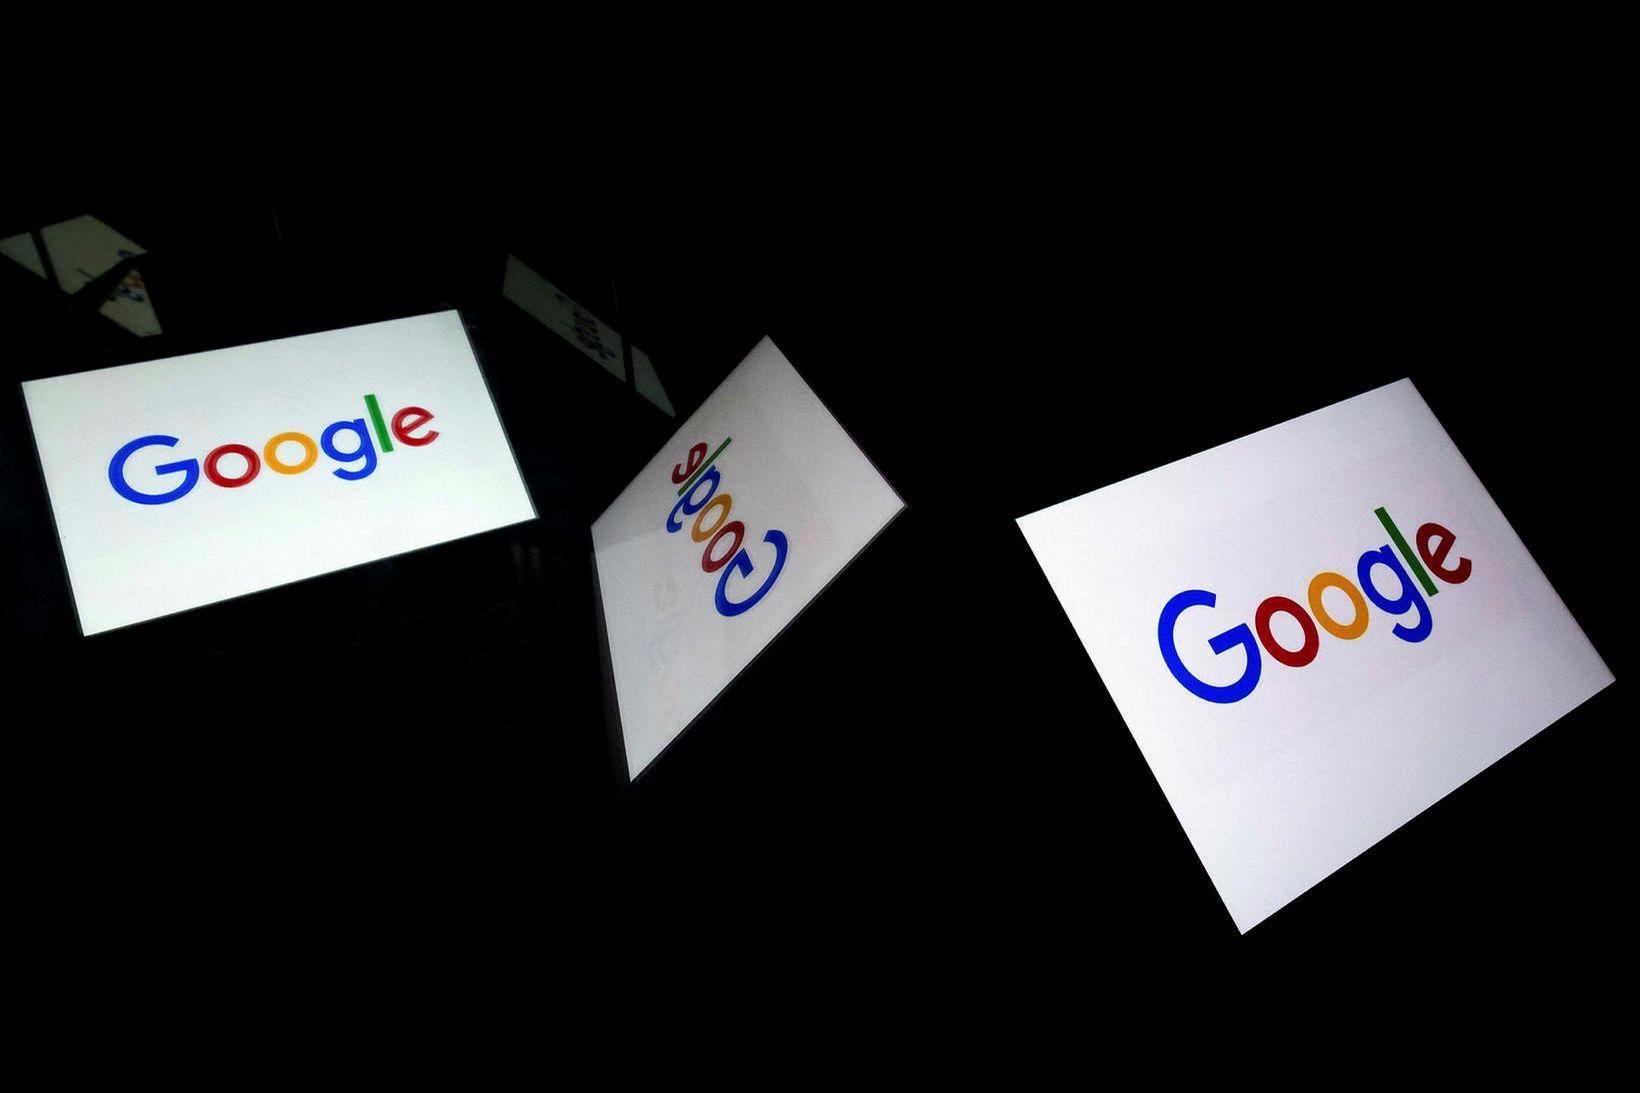 Google fékk 135 milljón króna sekt frá franska netöryggisráðinu í …